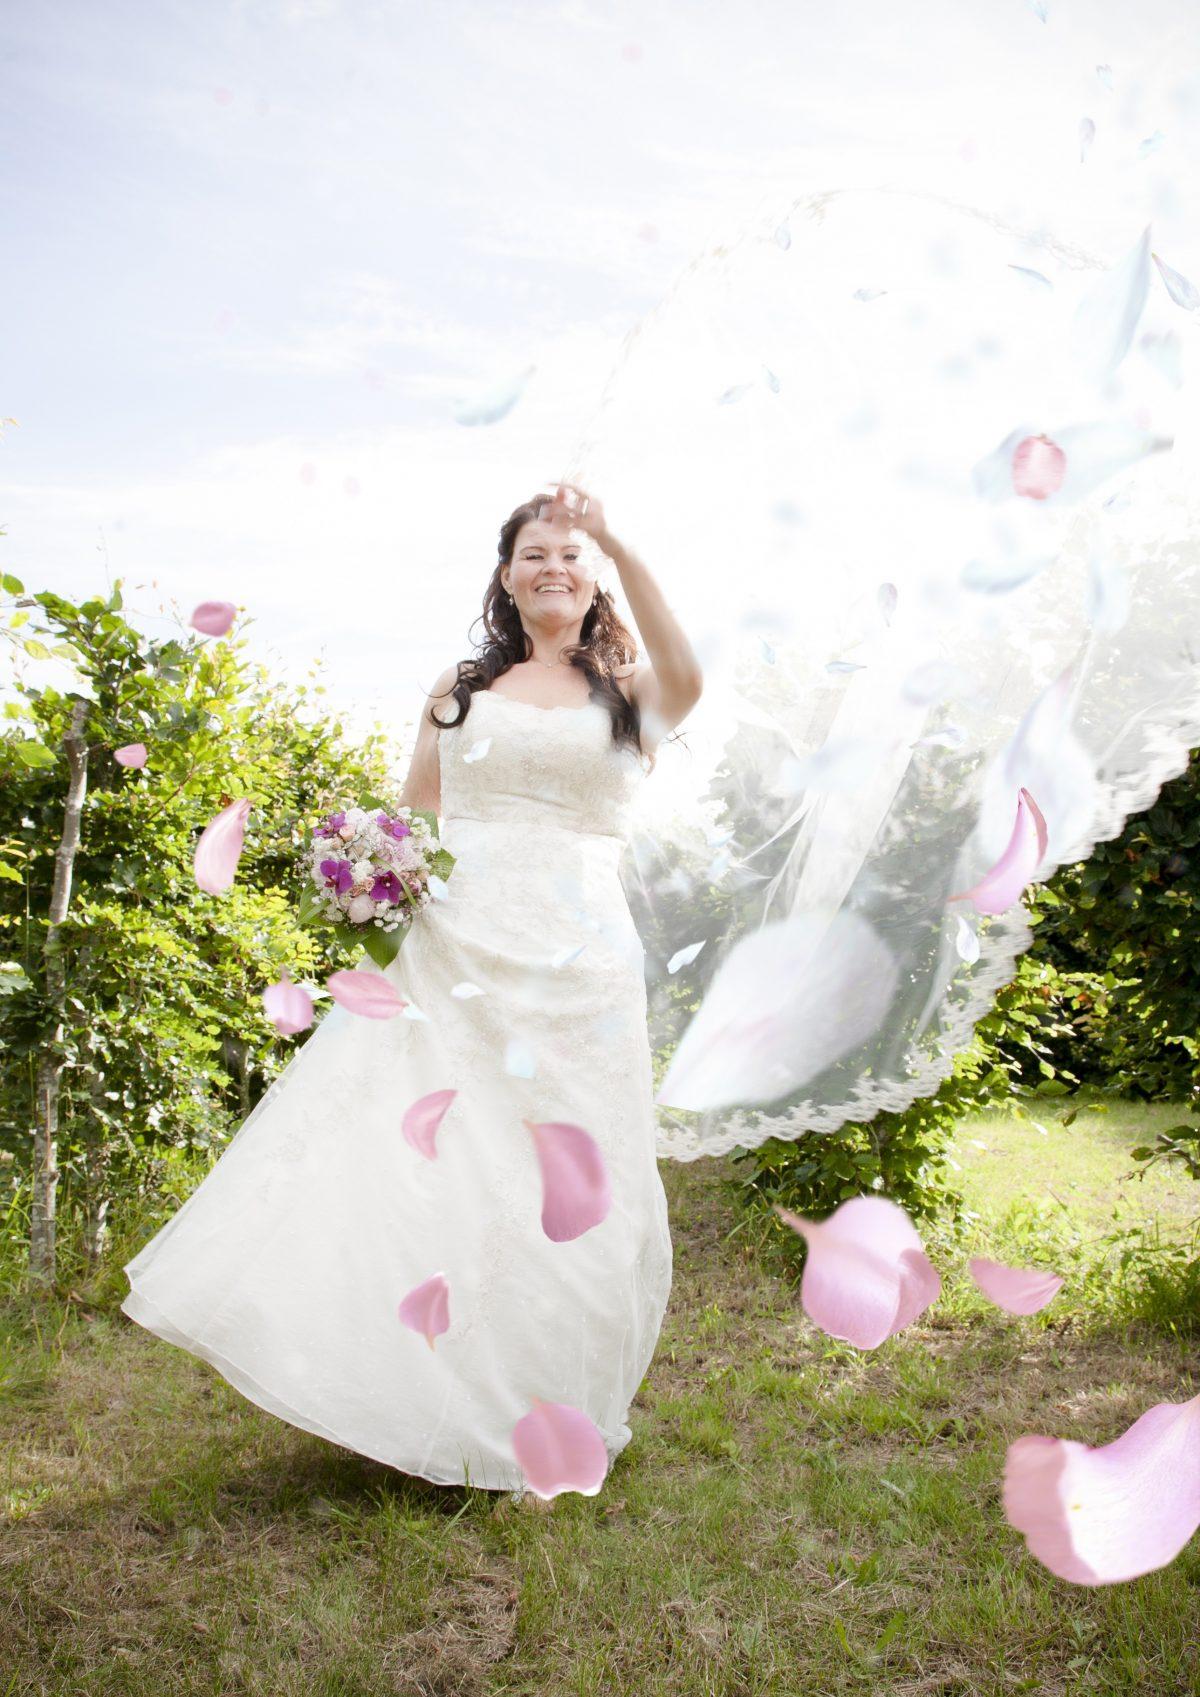 bryllup-2 - Portrætfotograf_PiaTromborg_bryllup_bryllypsfotograf_wedding_weddingphoto-fotograf-nordsjælland-bedste-fotograf-københavn-flotte-bryllupsbilleder